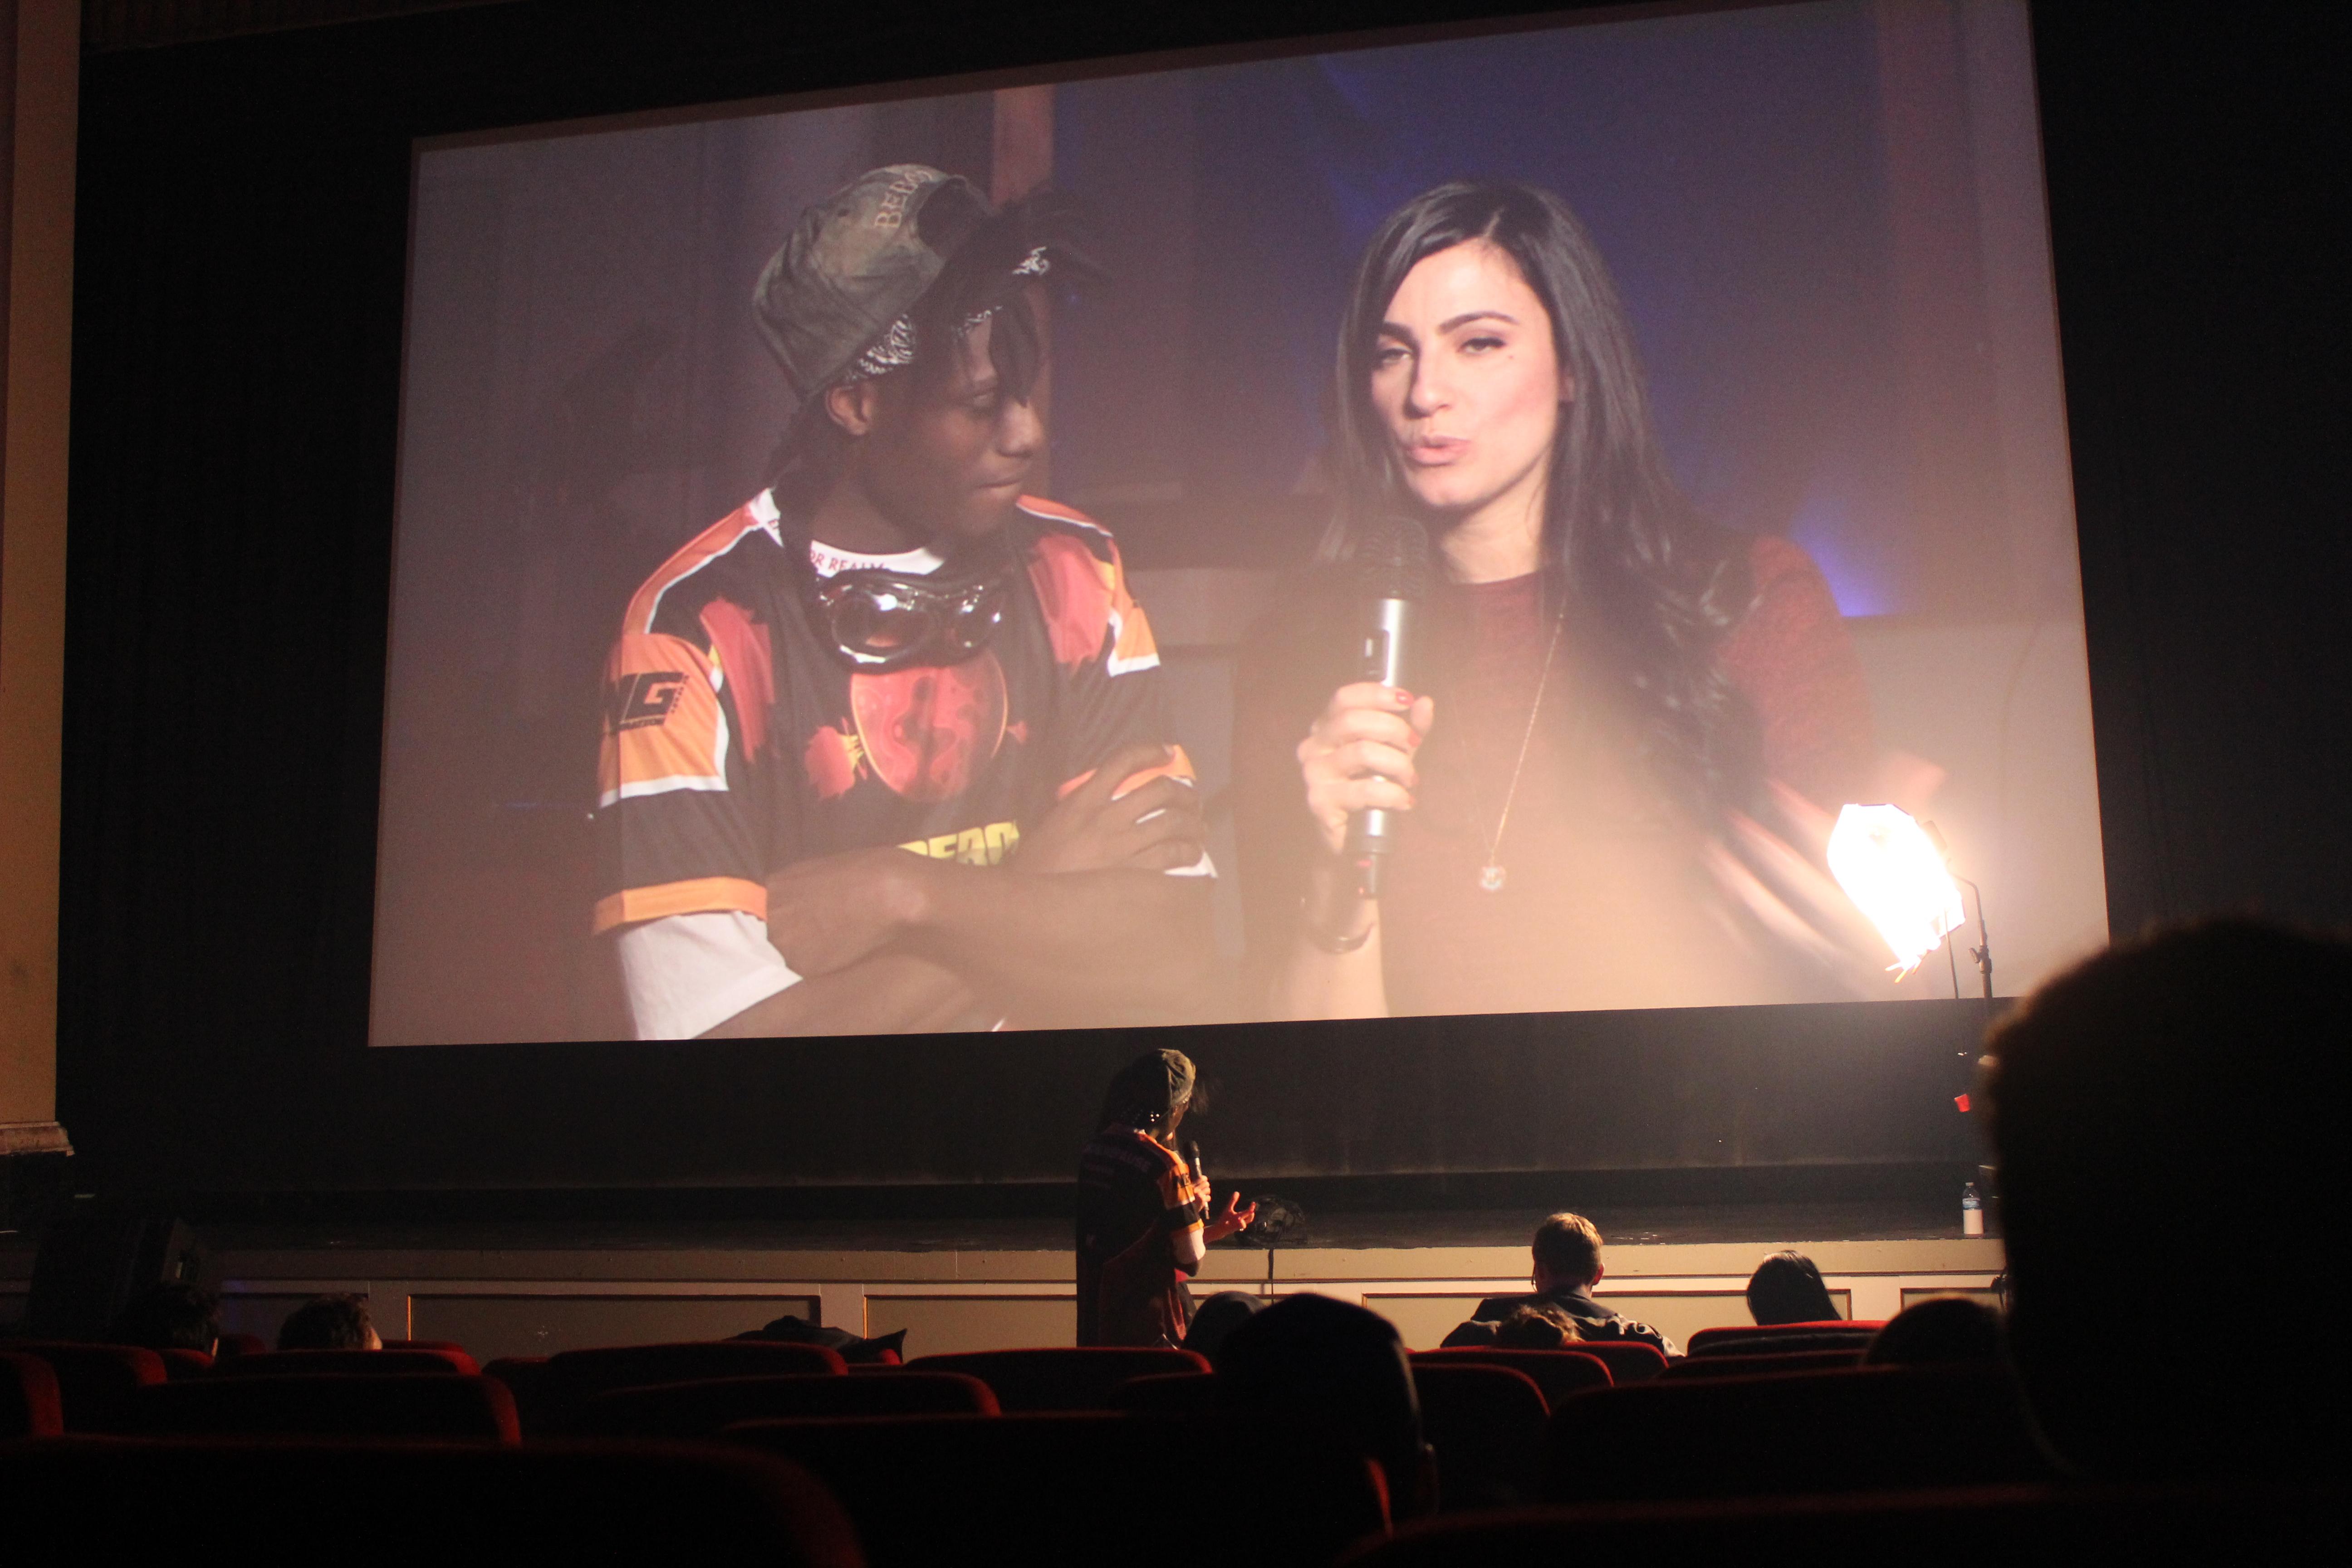 L'animatrice Marissa Roberto est particulièrement populaire auprès de la communauté de joueurs canadienne